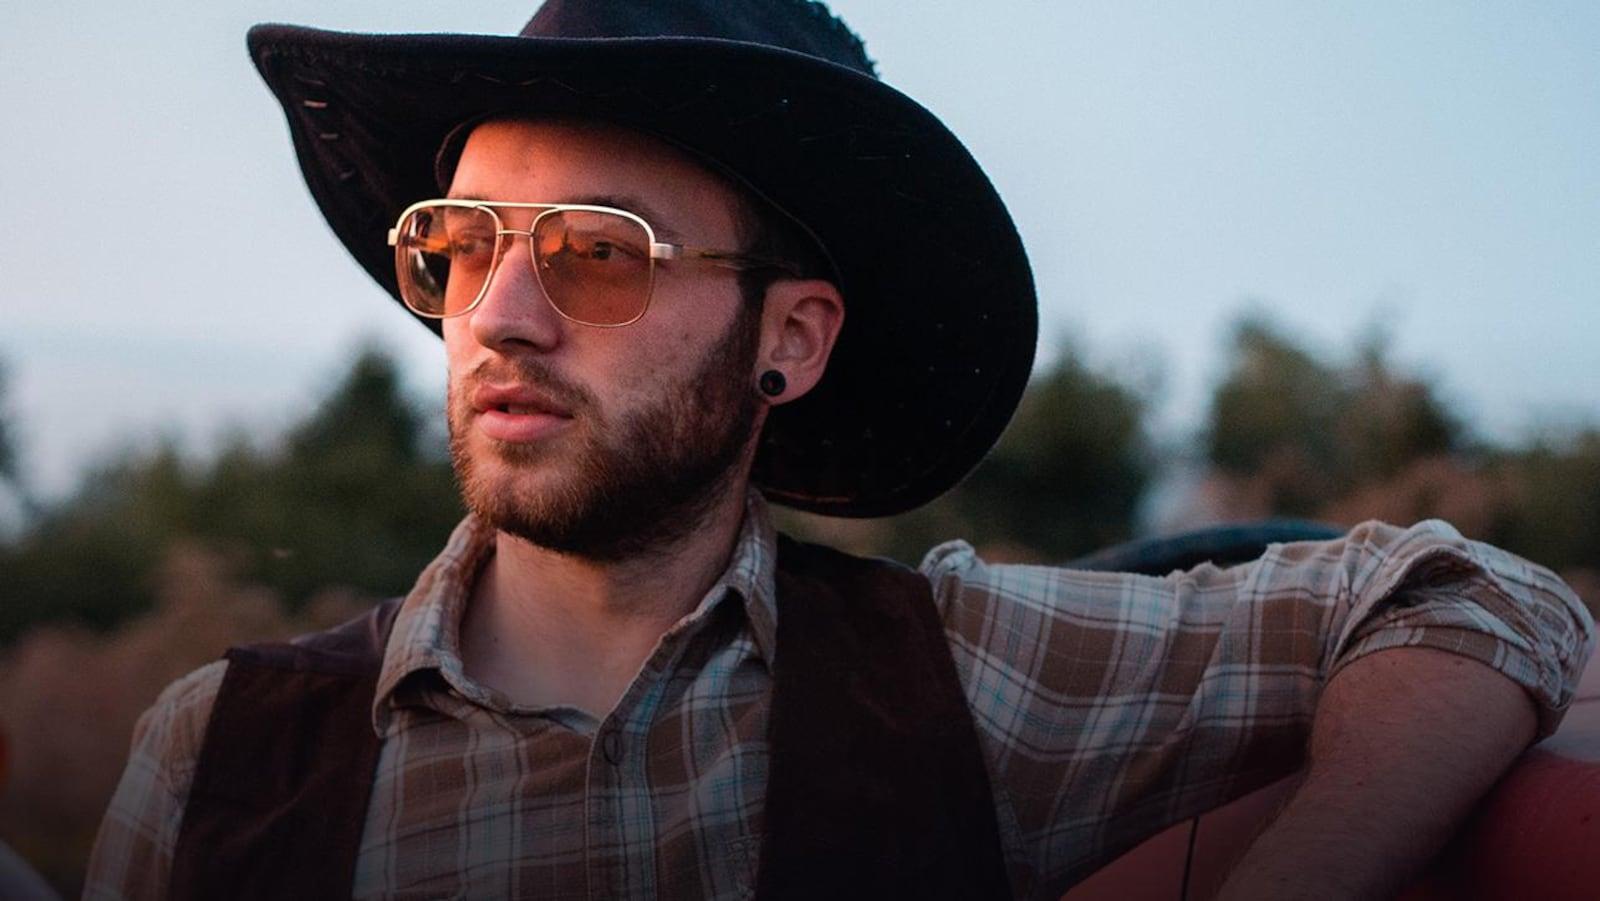 Menoncle Jason, lunettes de soleil, chapeau de cowboy et chemise à carreaux, le bras gauche appuyé sur une camionnette rouge.